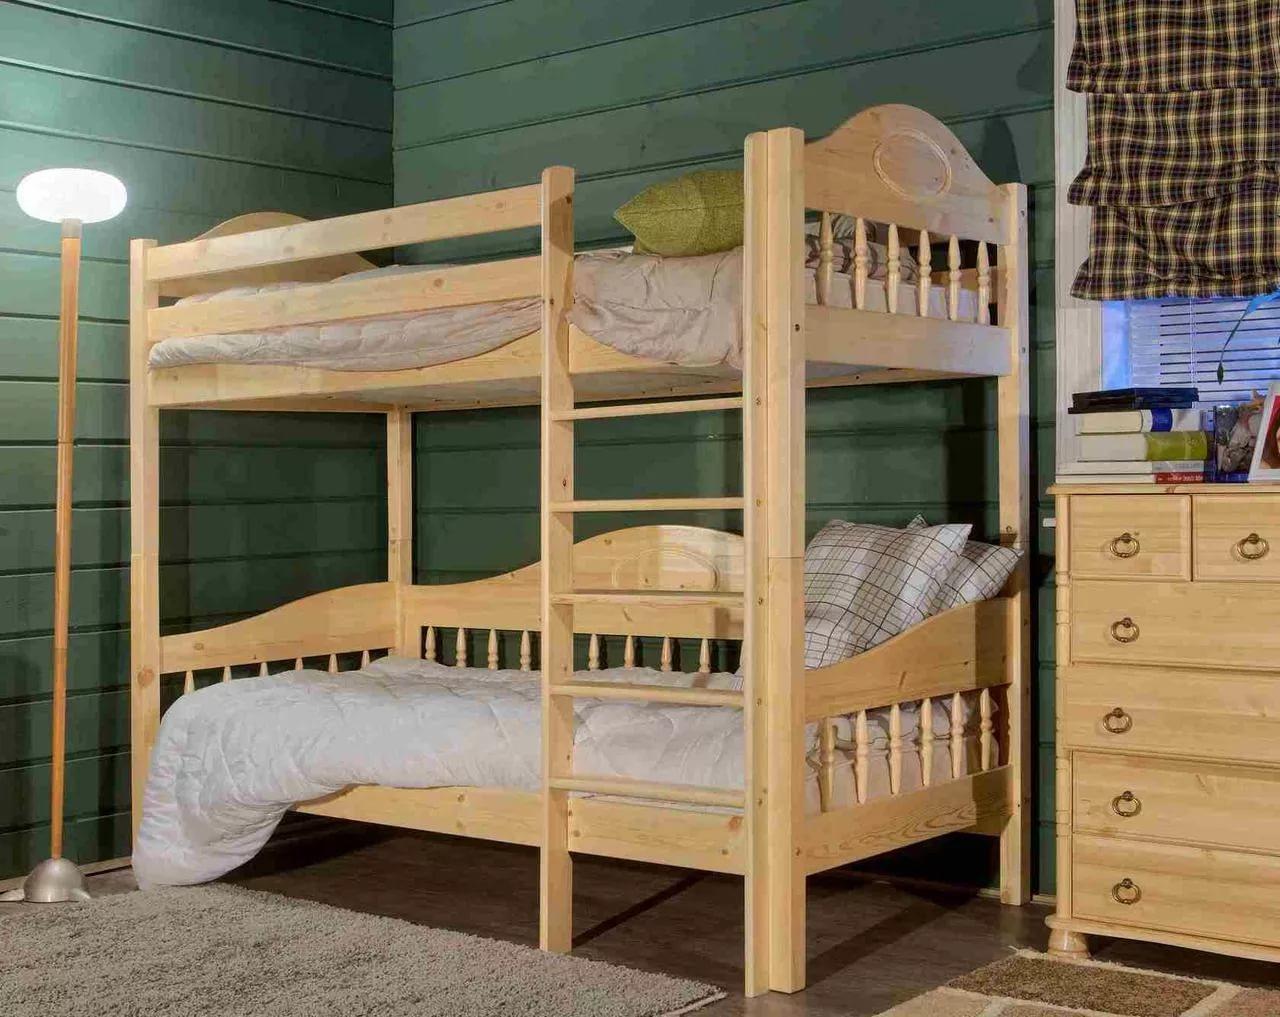 Трехъярусная кровать для детей 35 фото виды детских трехэтажных конструкций и советы по выбору